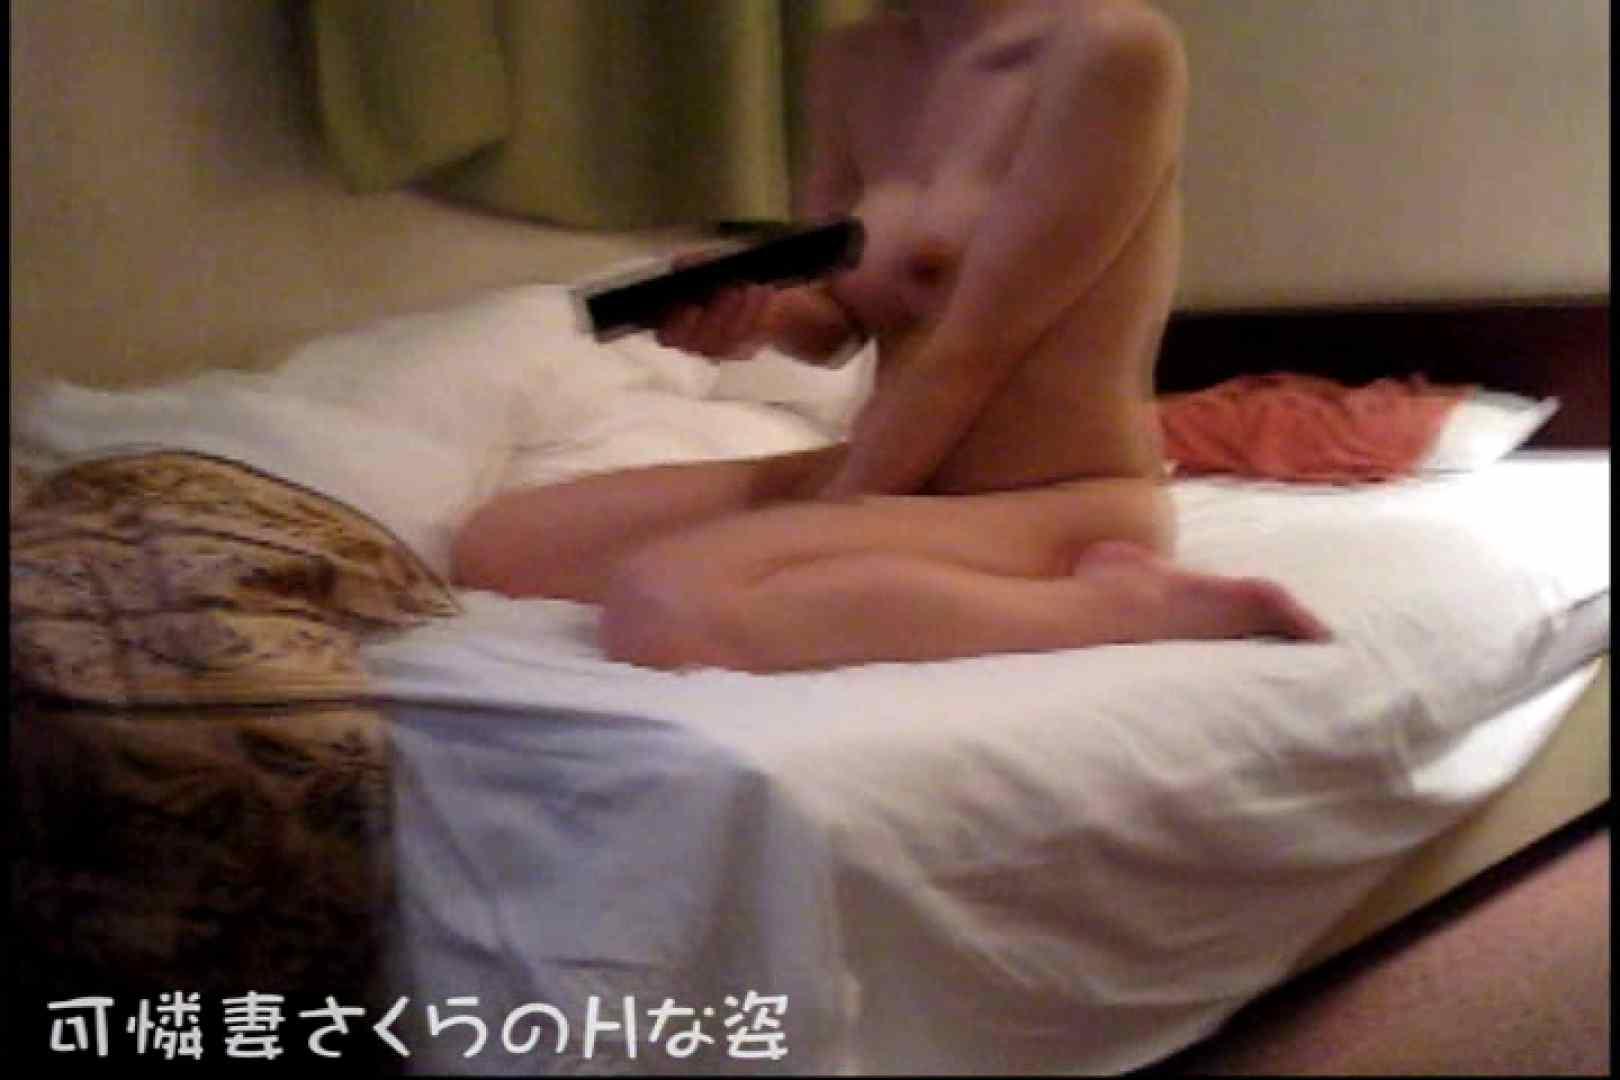 可憐妻さくらのHな姿vol.5前編 ホテル  23連発 1